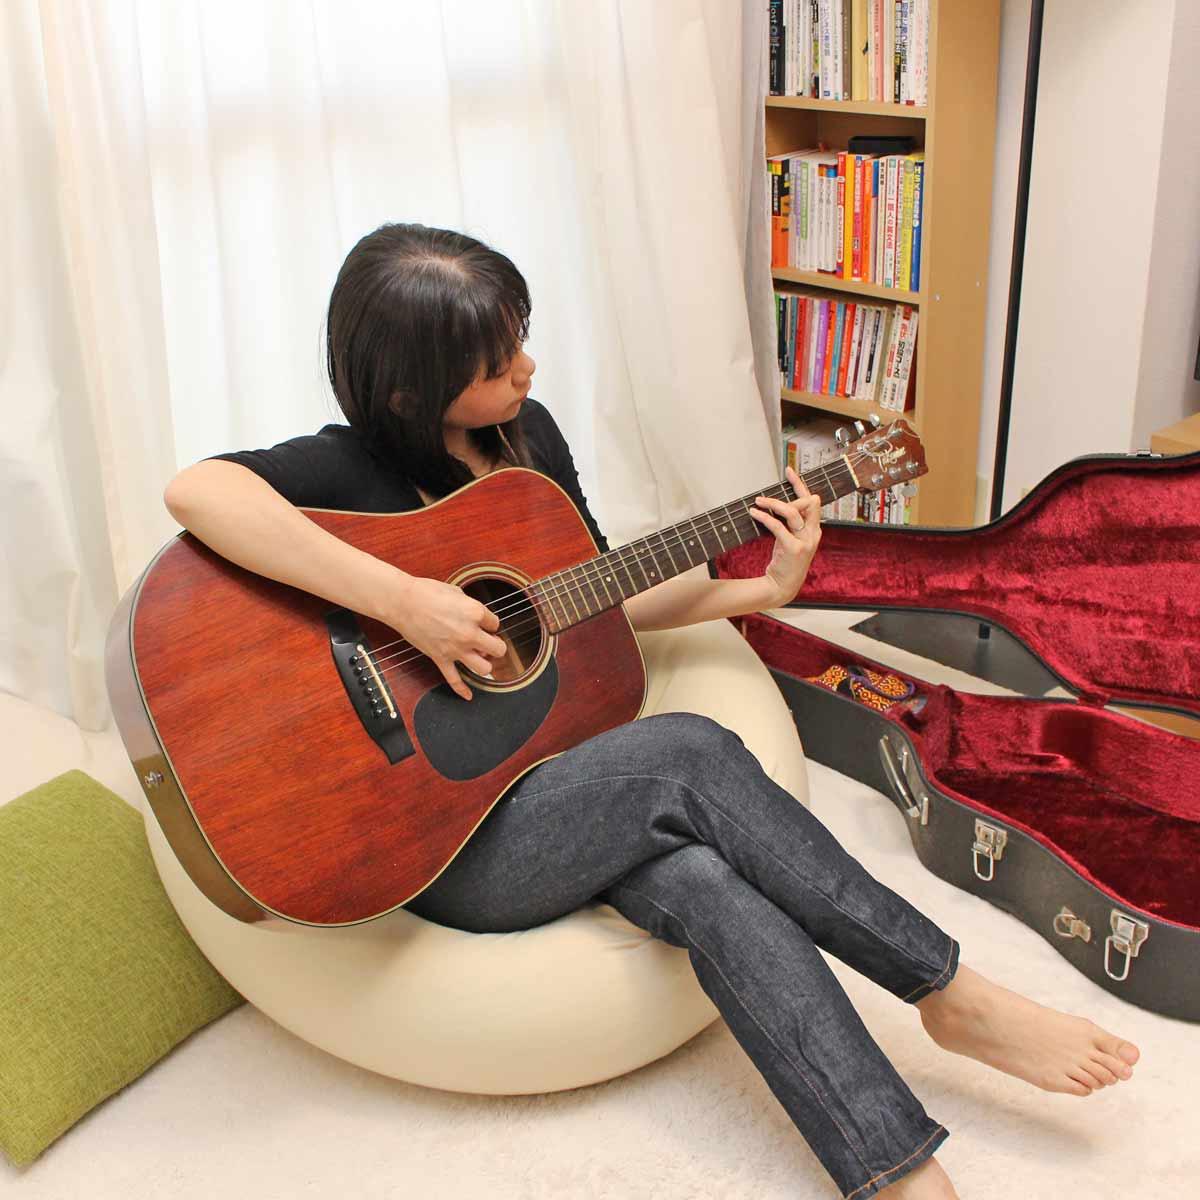 自分でできる防音の工夫! 家でピアノやギターを弾くときに気を付けるコツ